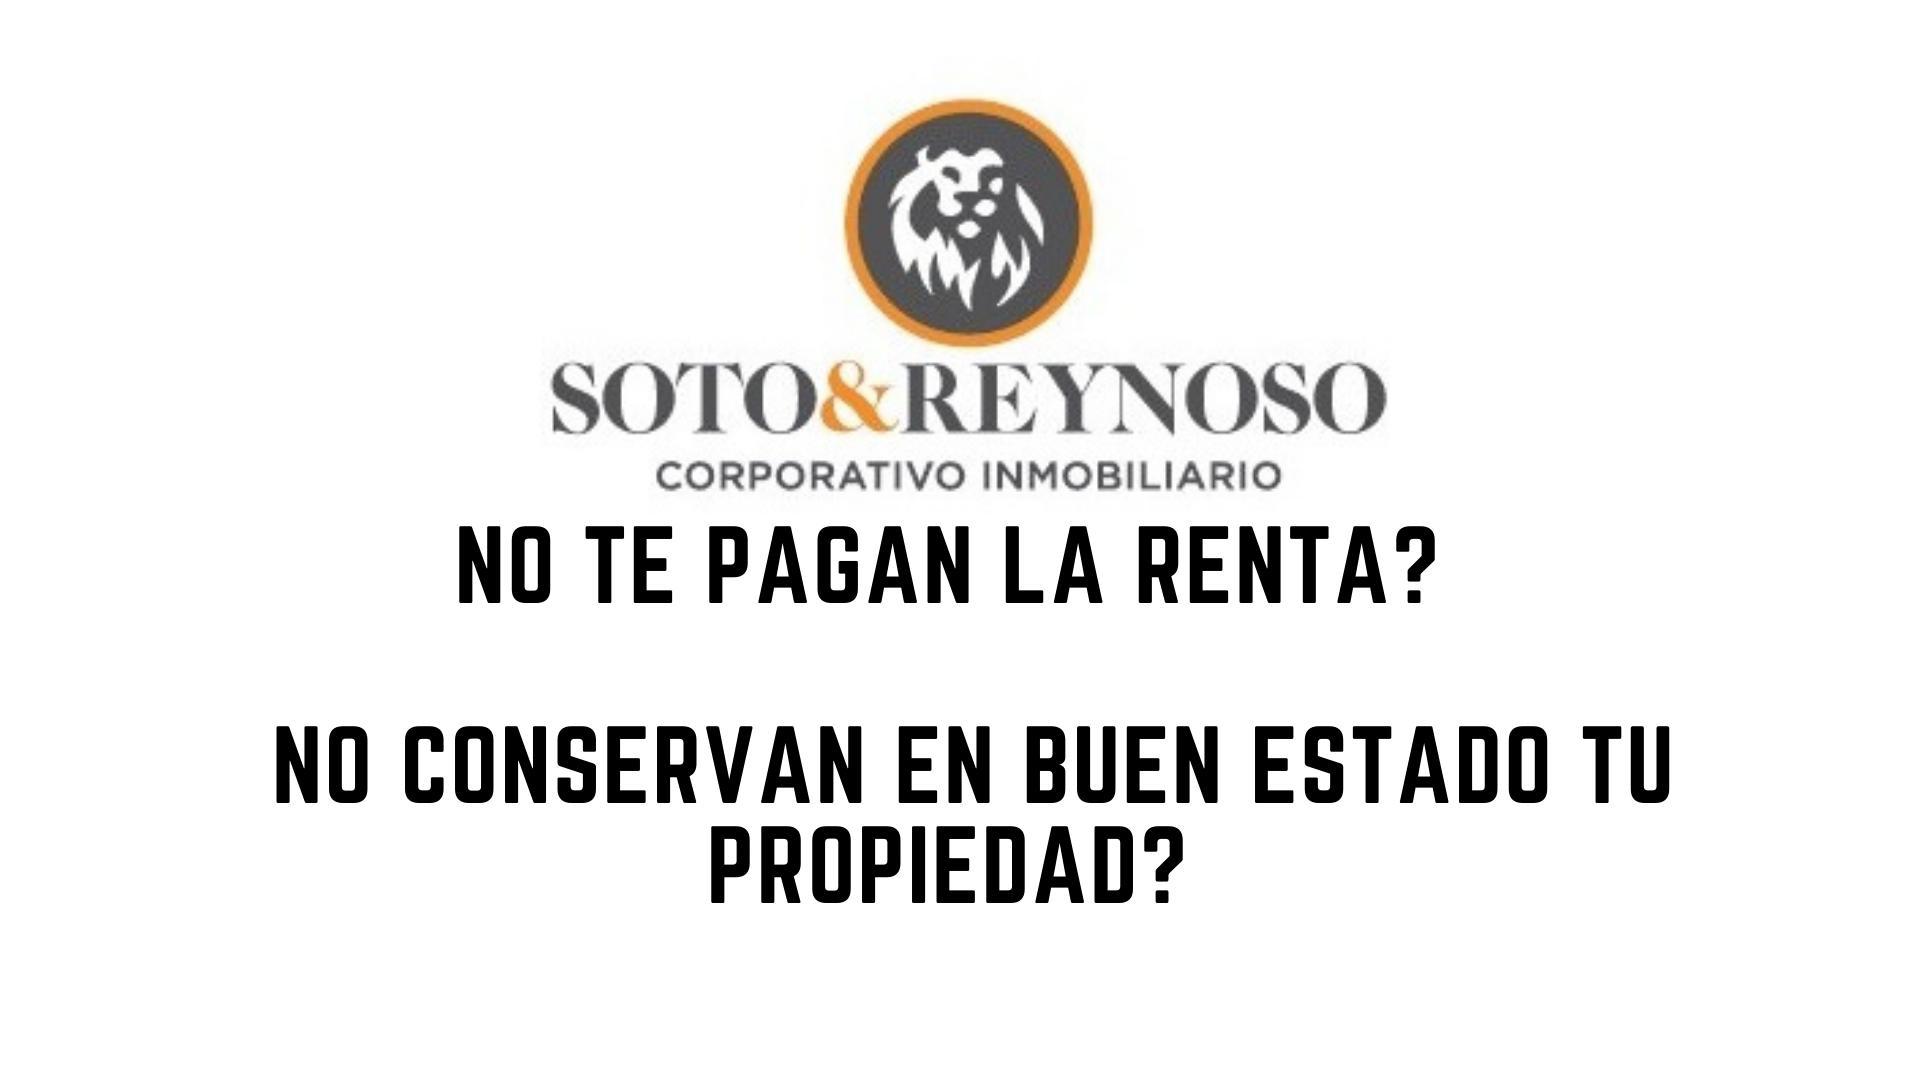 No_te_pagan_la_renta___no_conservan_en_buen_estado_tu_propiedad_________.png